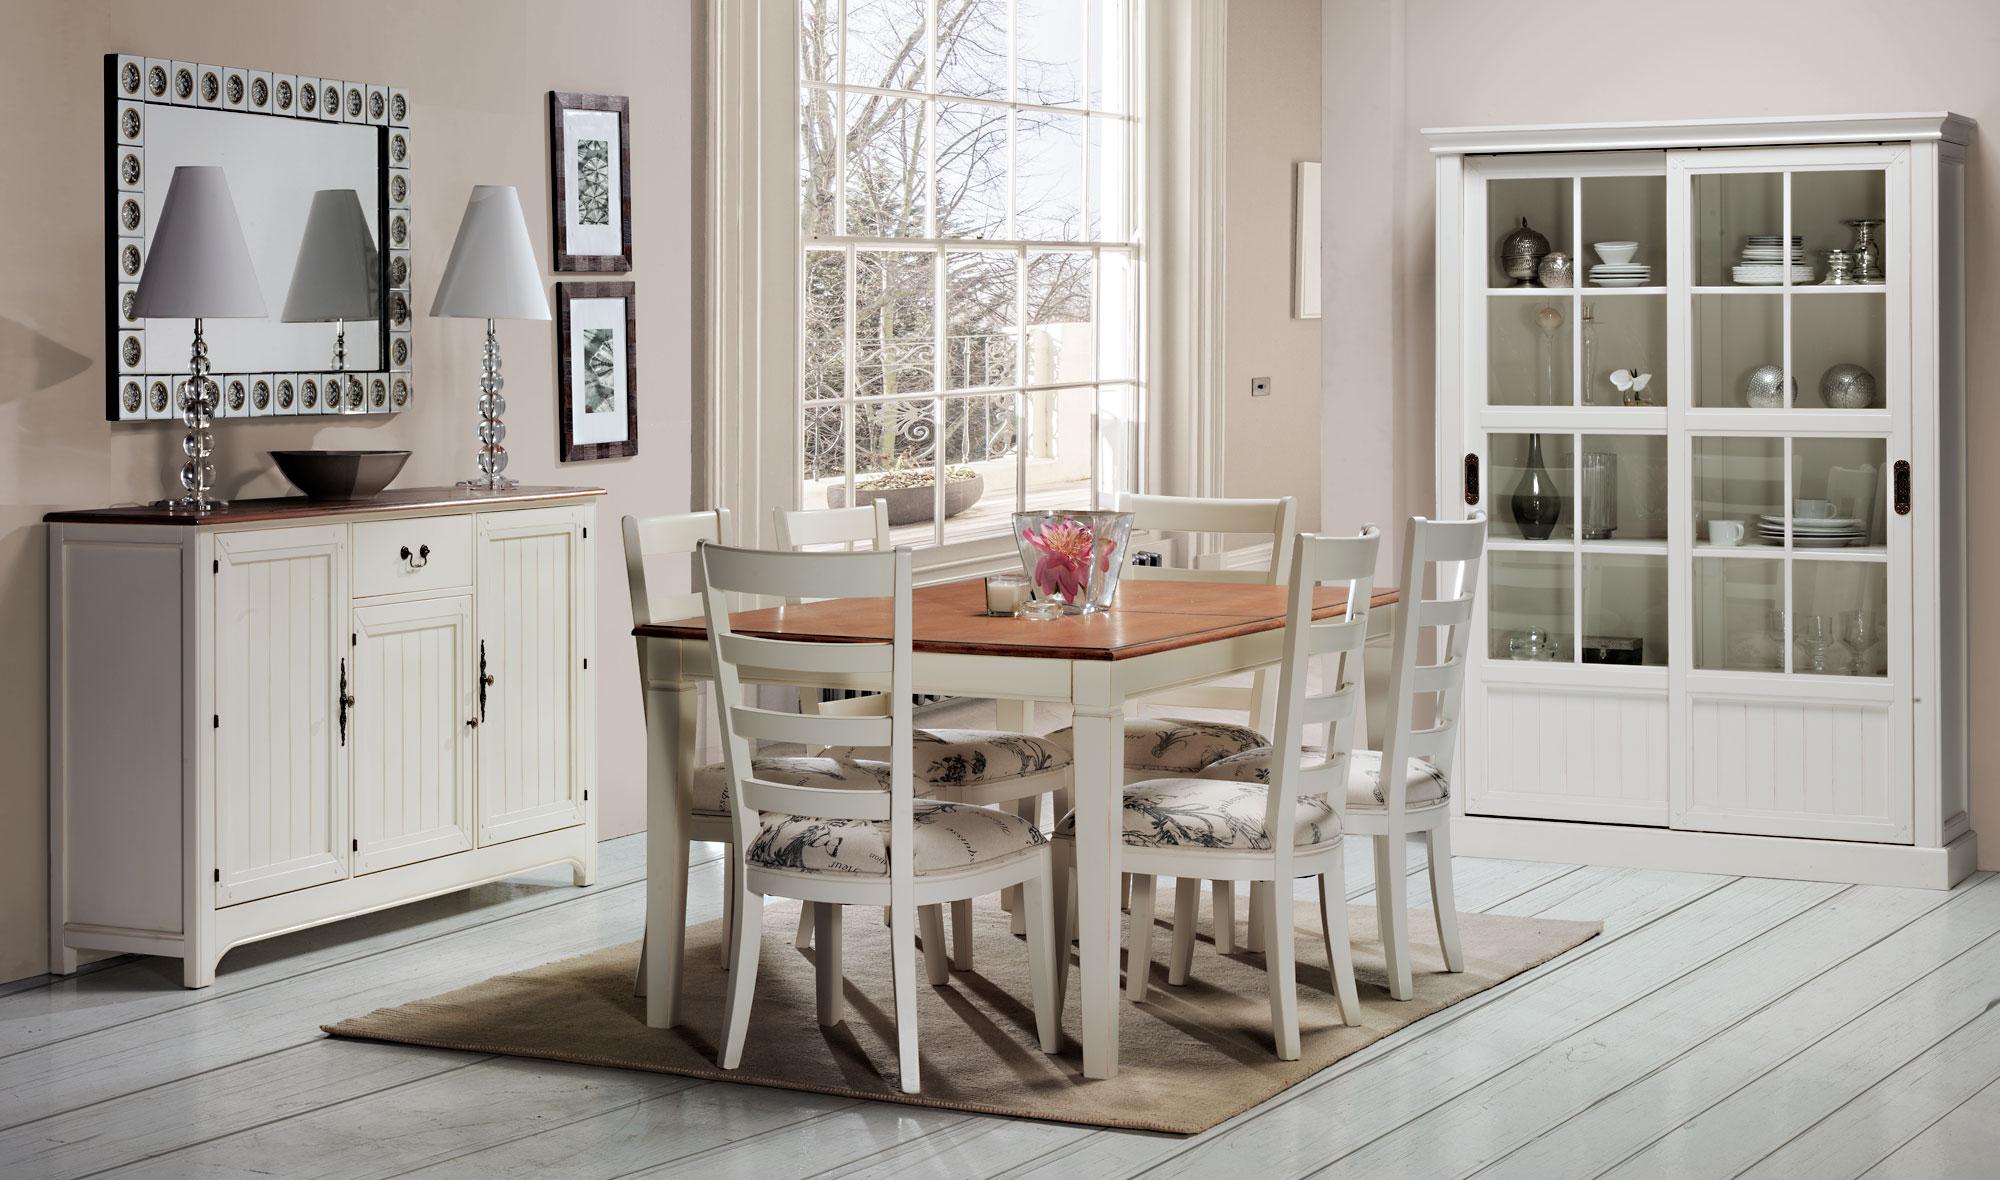 Revista muebles mobiliario de dise o for Muebles de comedor vintage